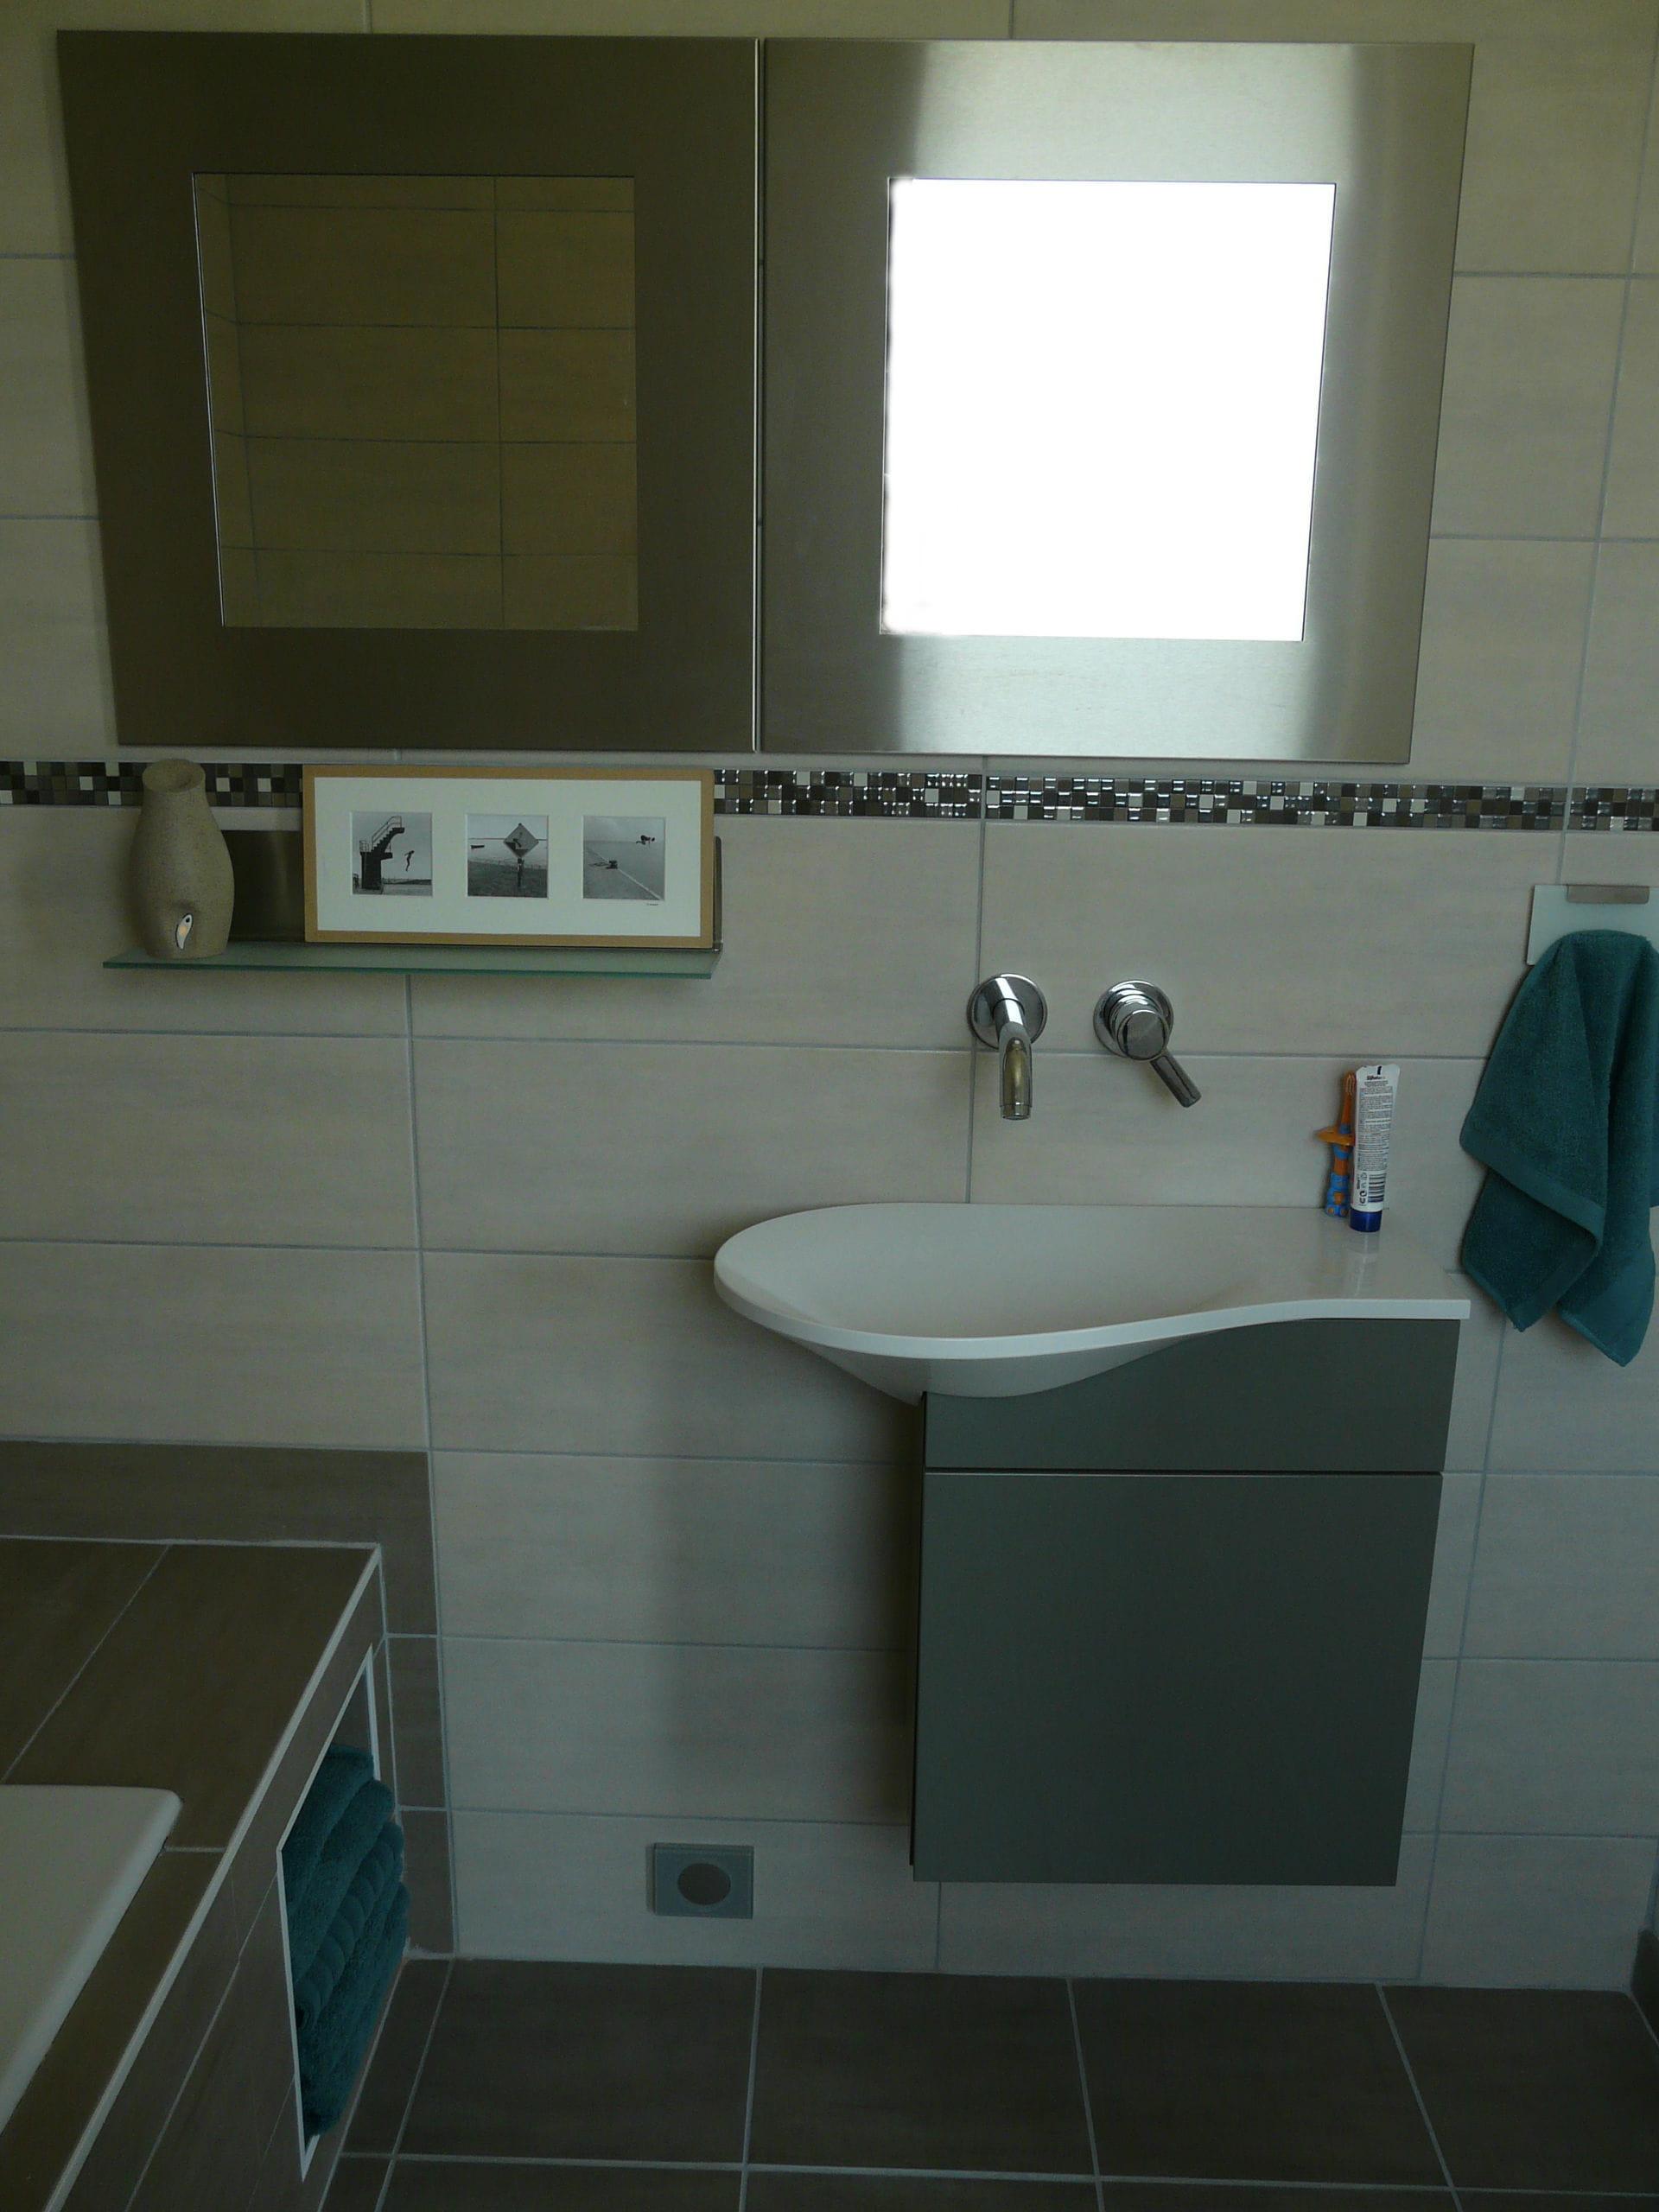 une petite salle de bains fonctionnelle visitez la maison d 39 aur lie journal des femmes. Black Bedroom Furniture Sets. Home Design Ideas